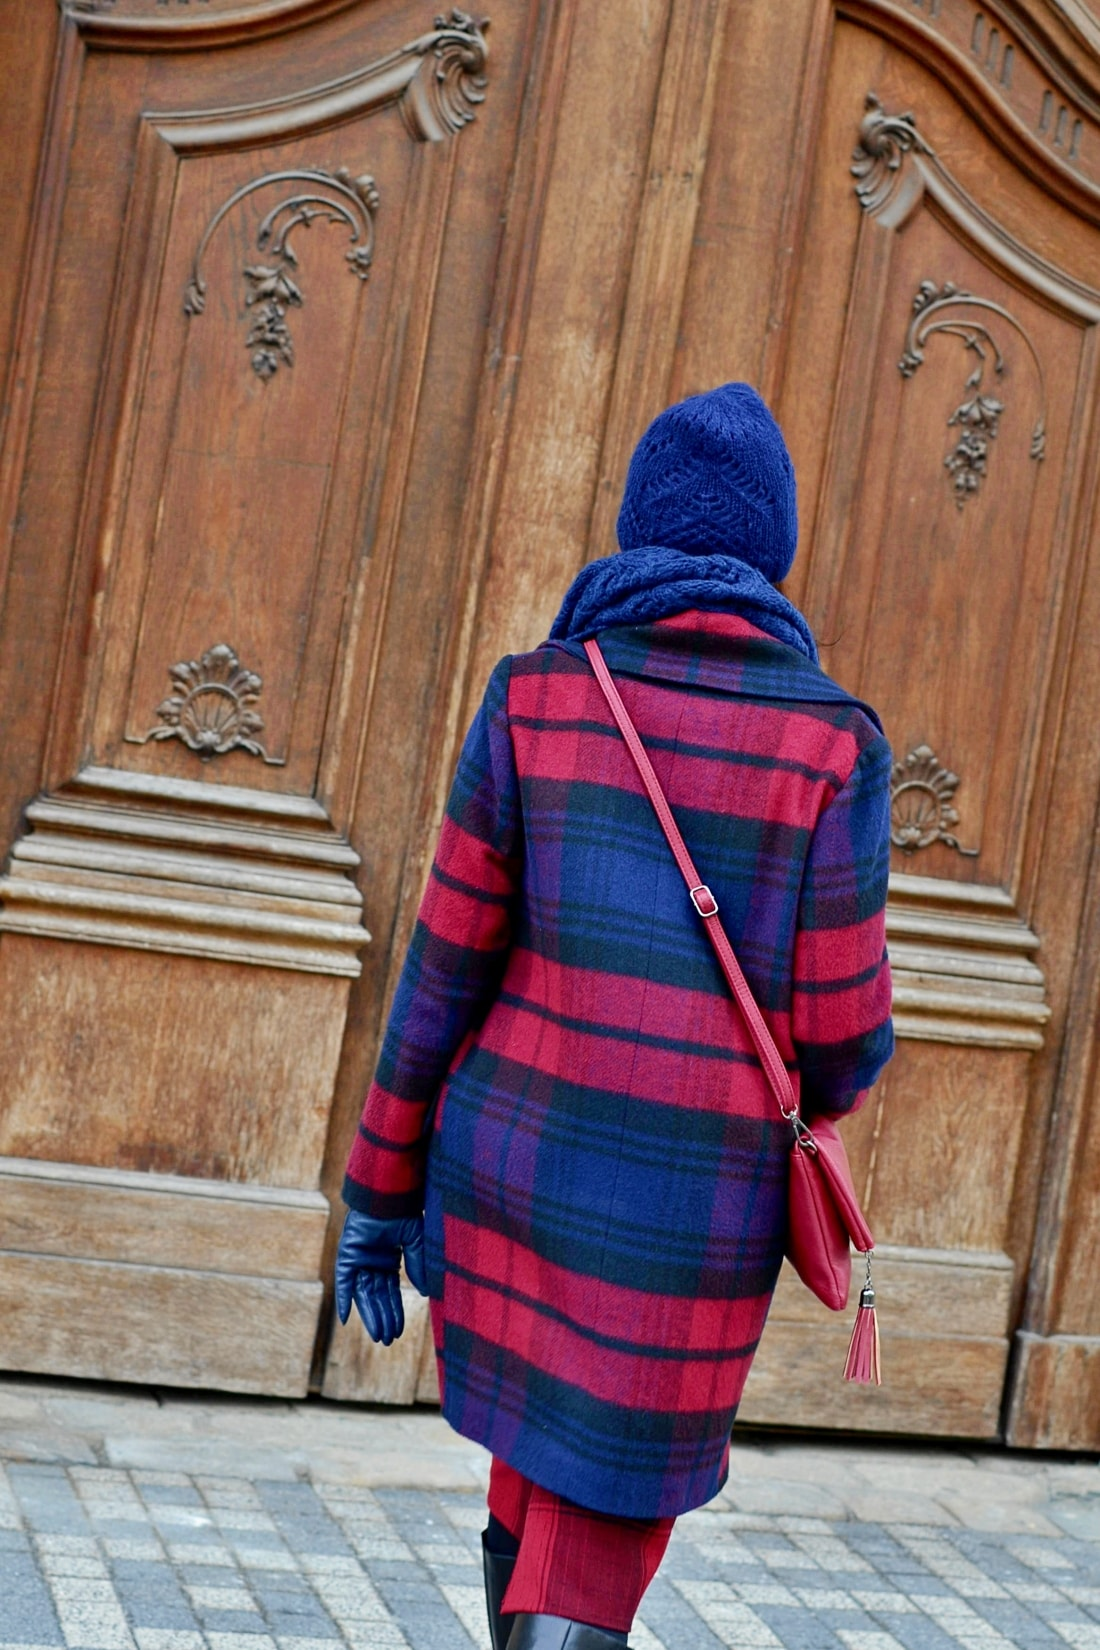 AKO NOSIŤ VZORY_Katharine-fashion is beautiful_Vzorovaný kabát_Katarína Jakubčová_Fashion blogger